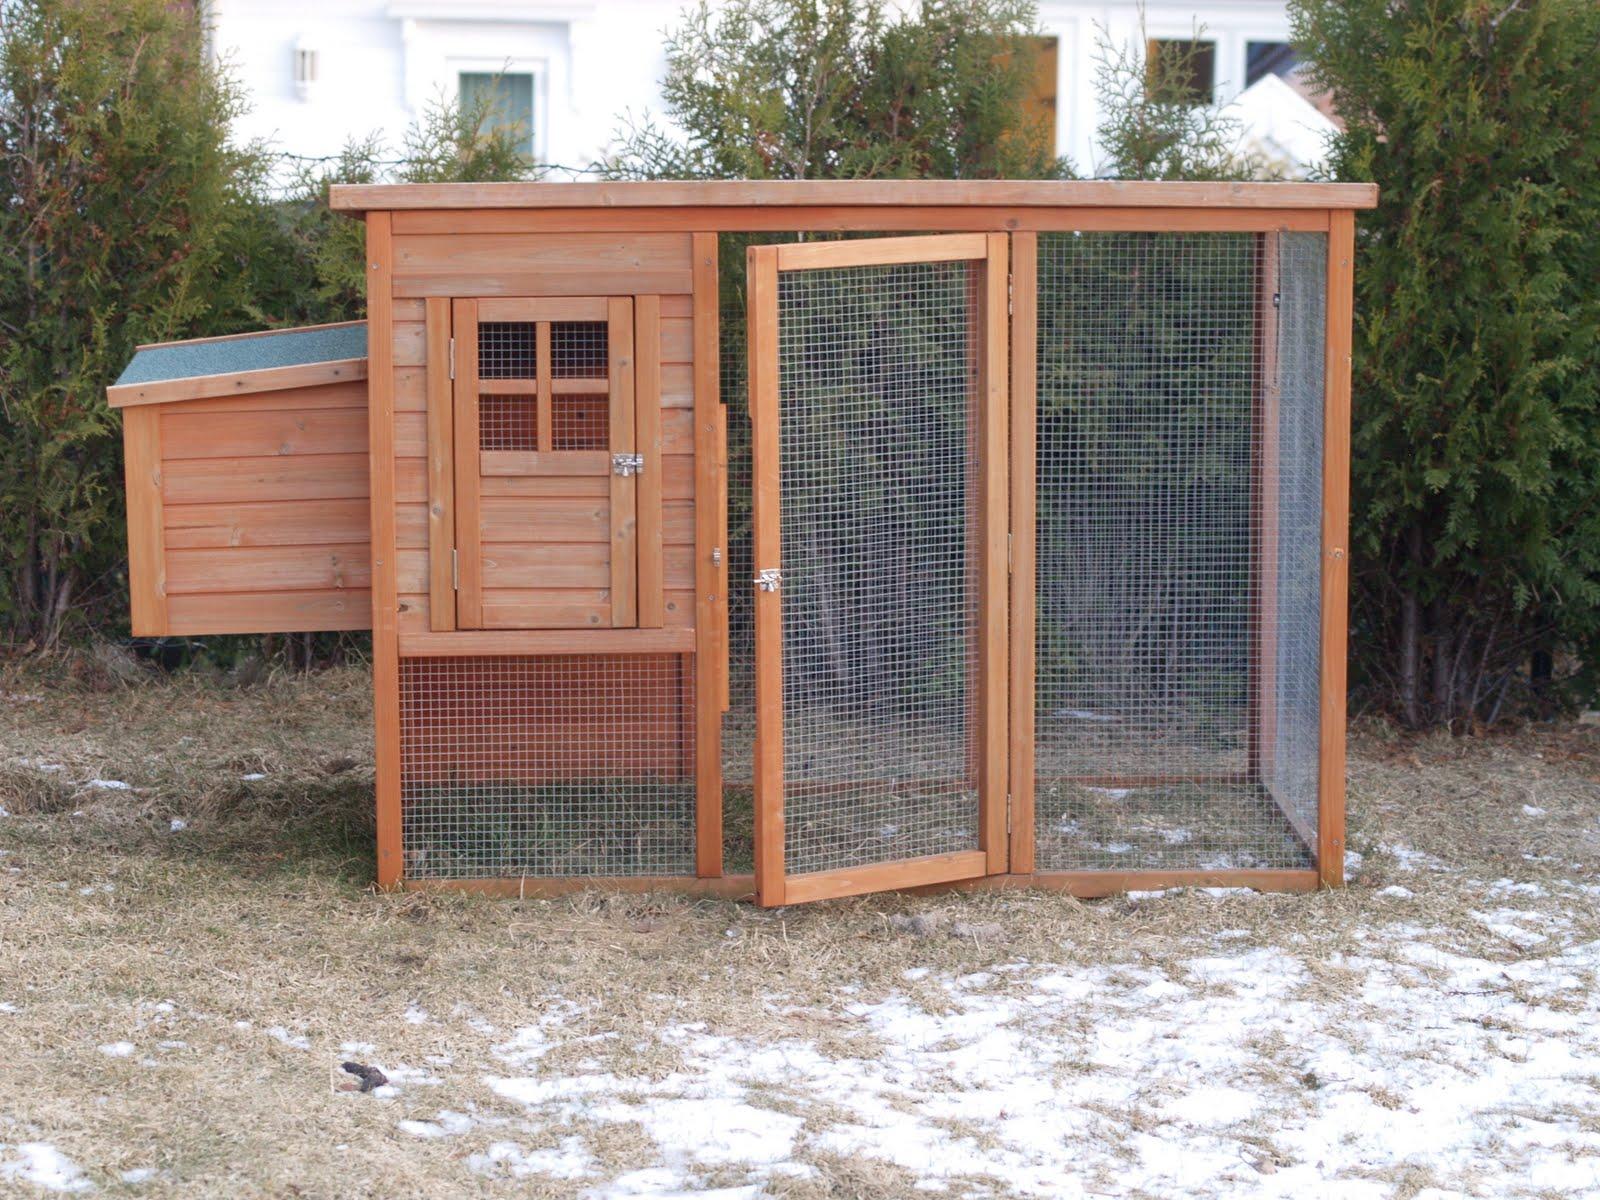 høner i hagen